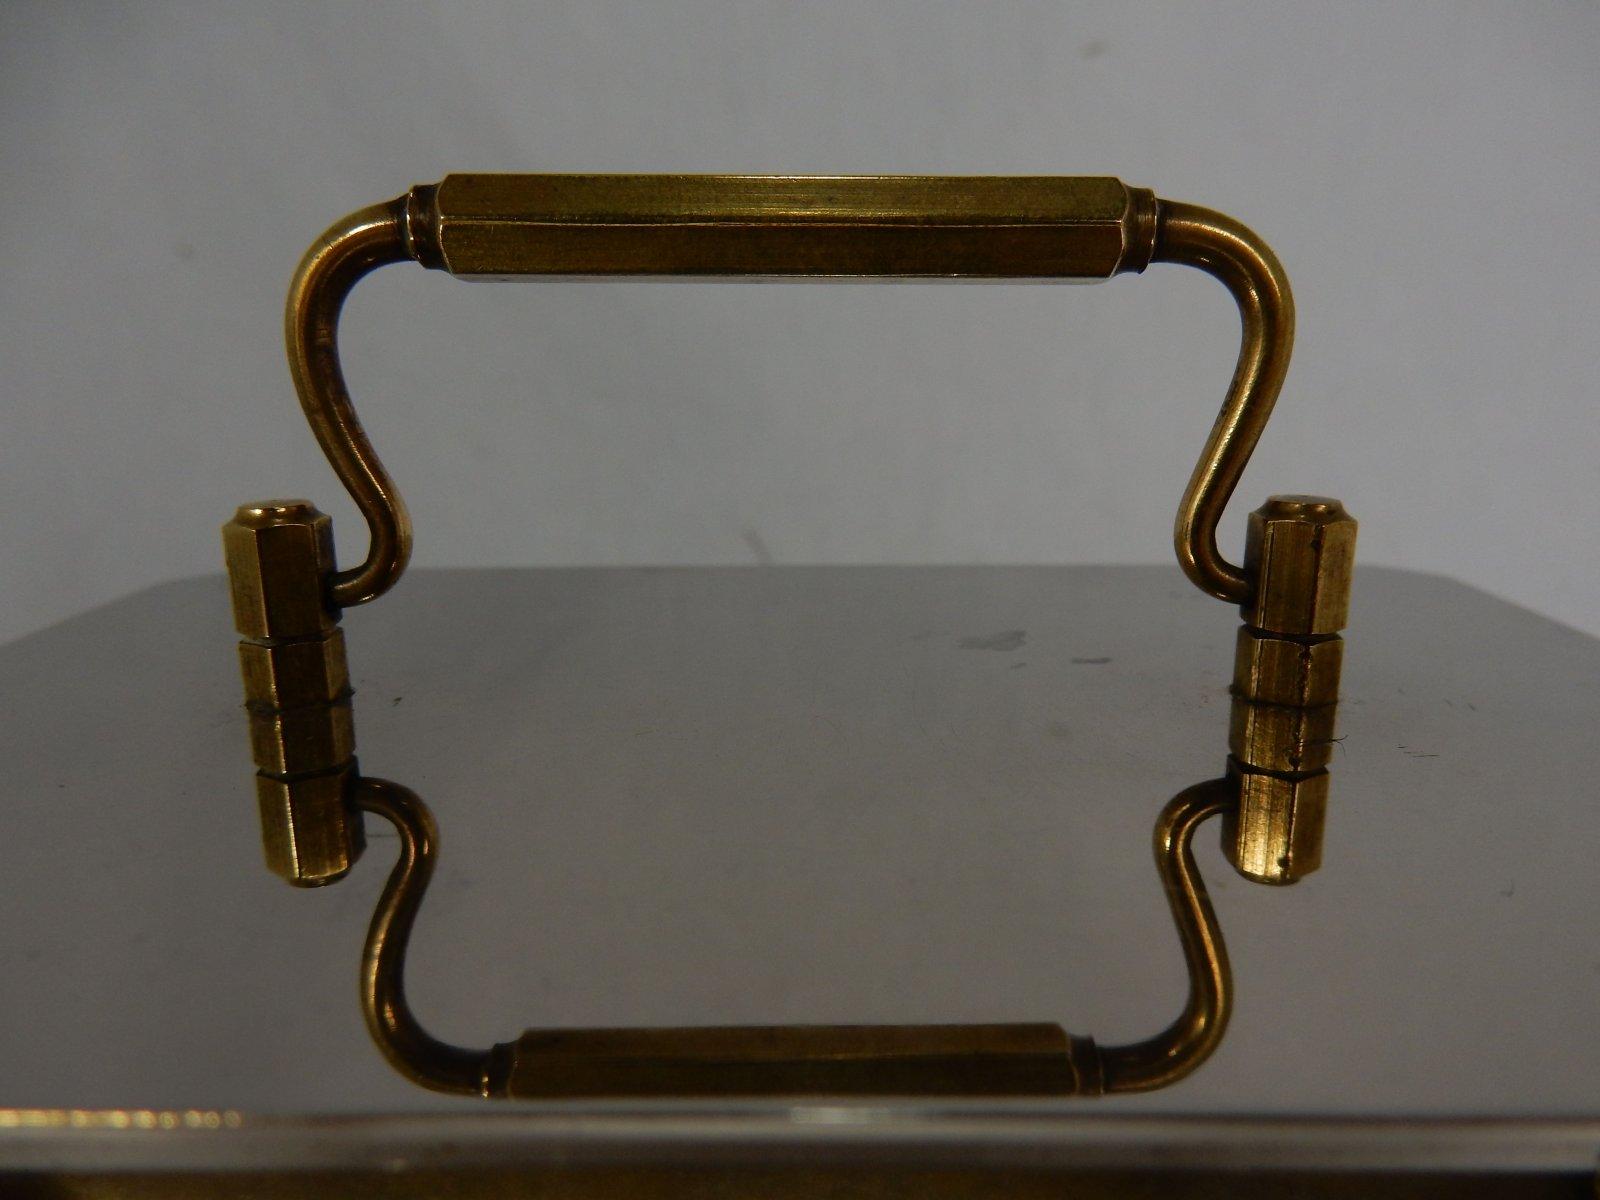 sehr sch ne alte junghans tisch uhr mit spielwerk clock with music box 1900 ebay. Black Bedroom Furniture Sets. Home Design Ideas